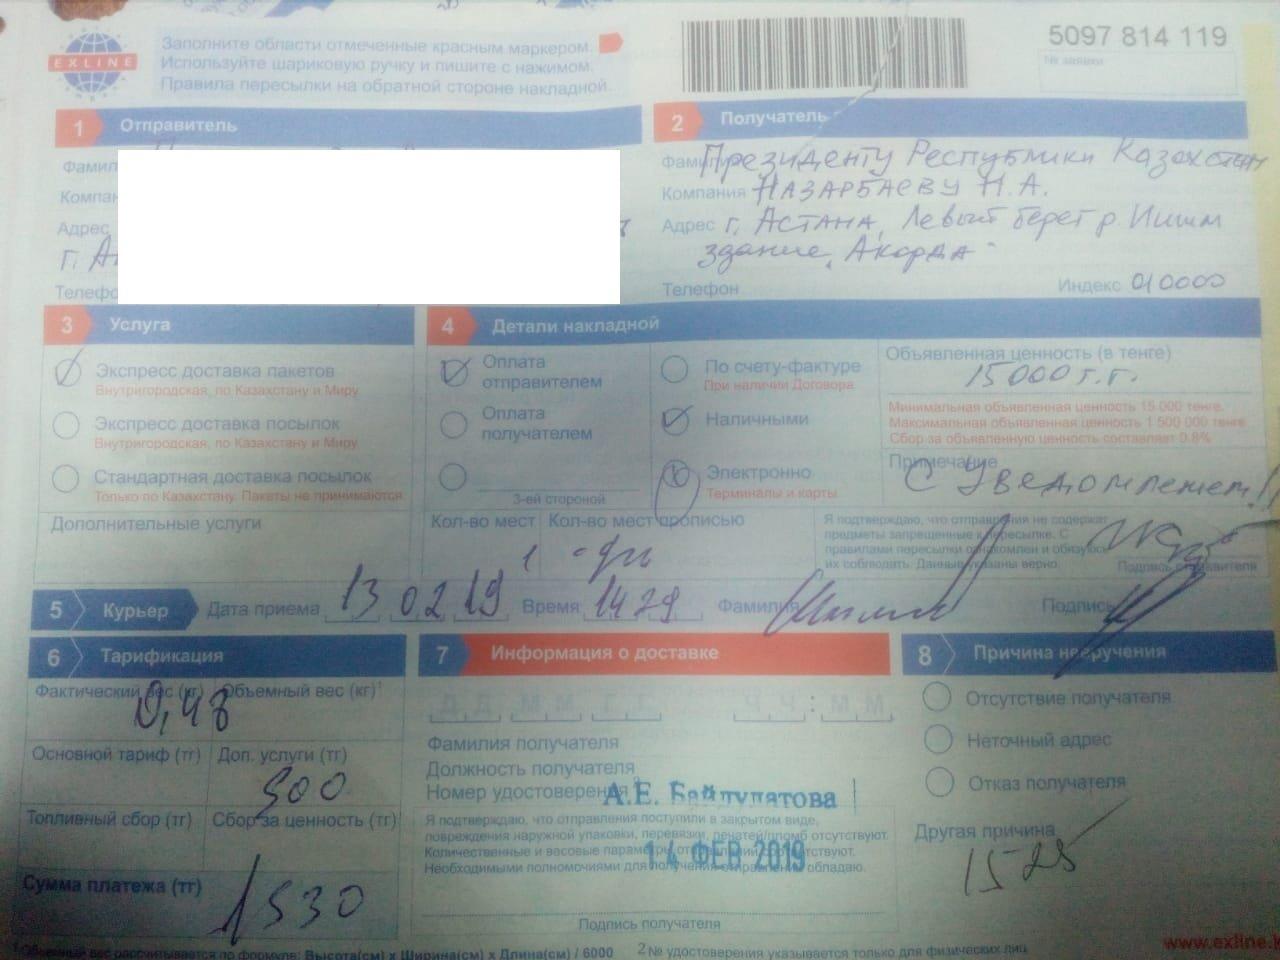 Из Актау в Астану и обратно: судьба писем с подписями от жителей Актау против новых тарифов, фото-3